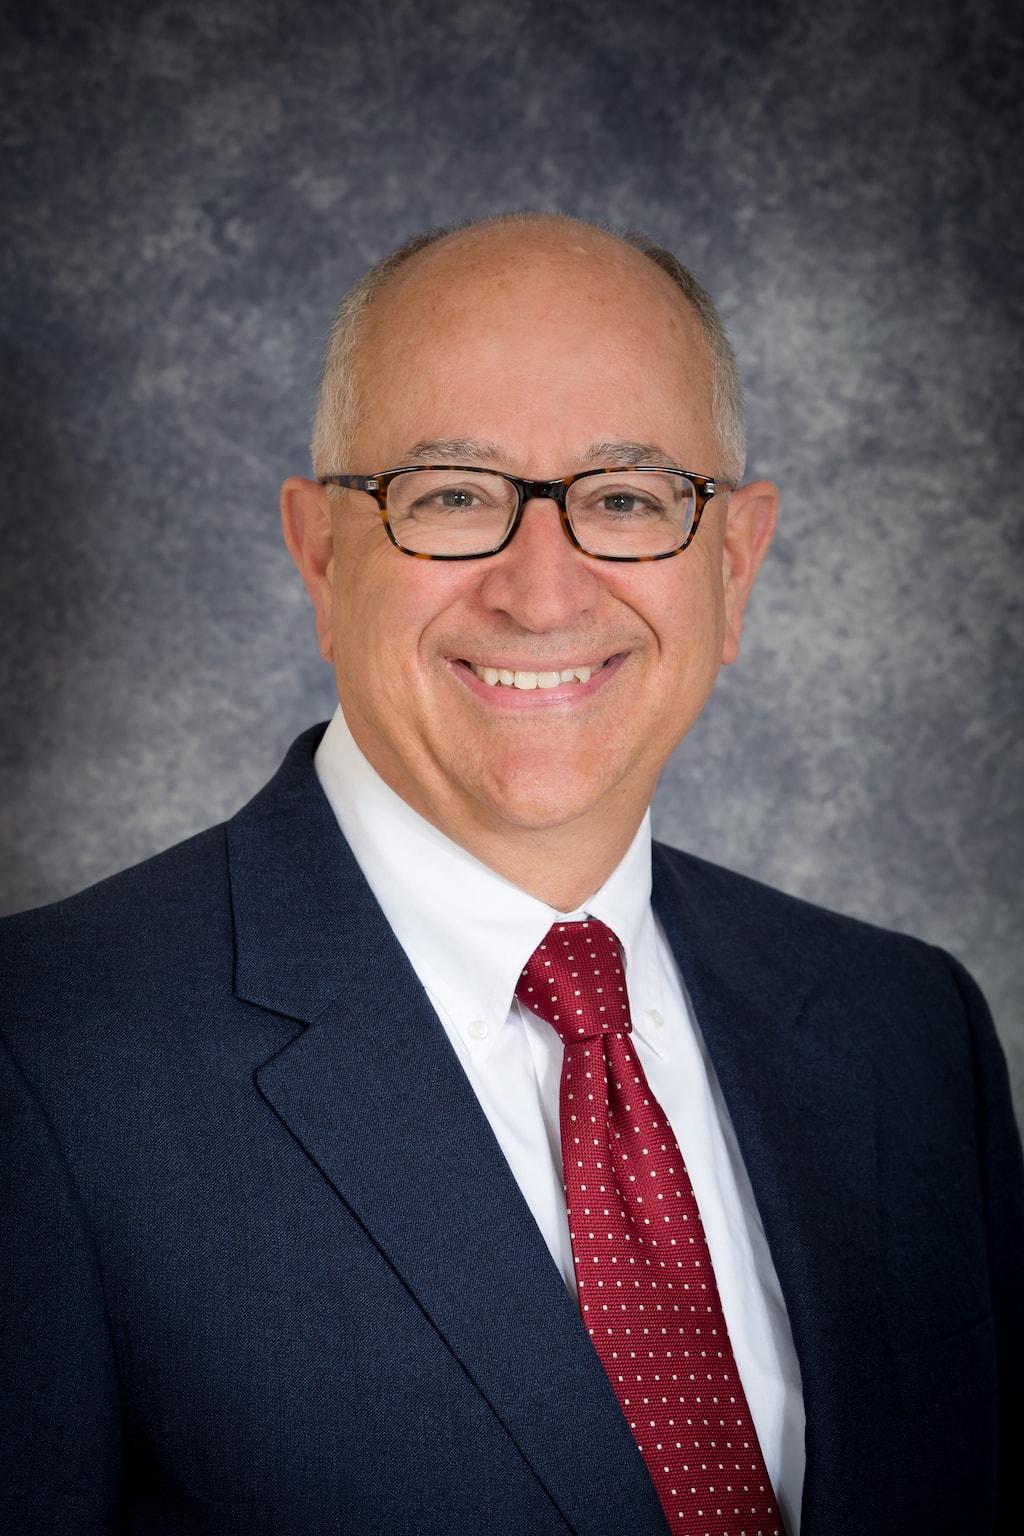 John C Buscaglia, DDS